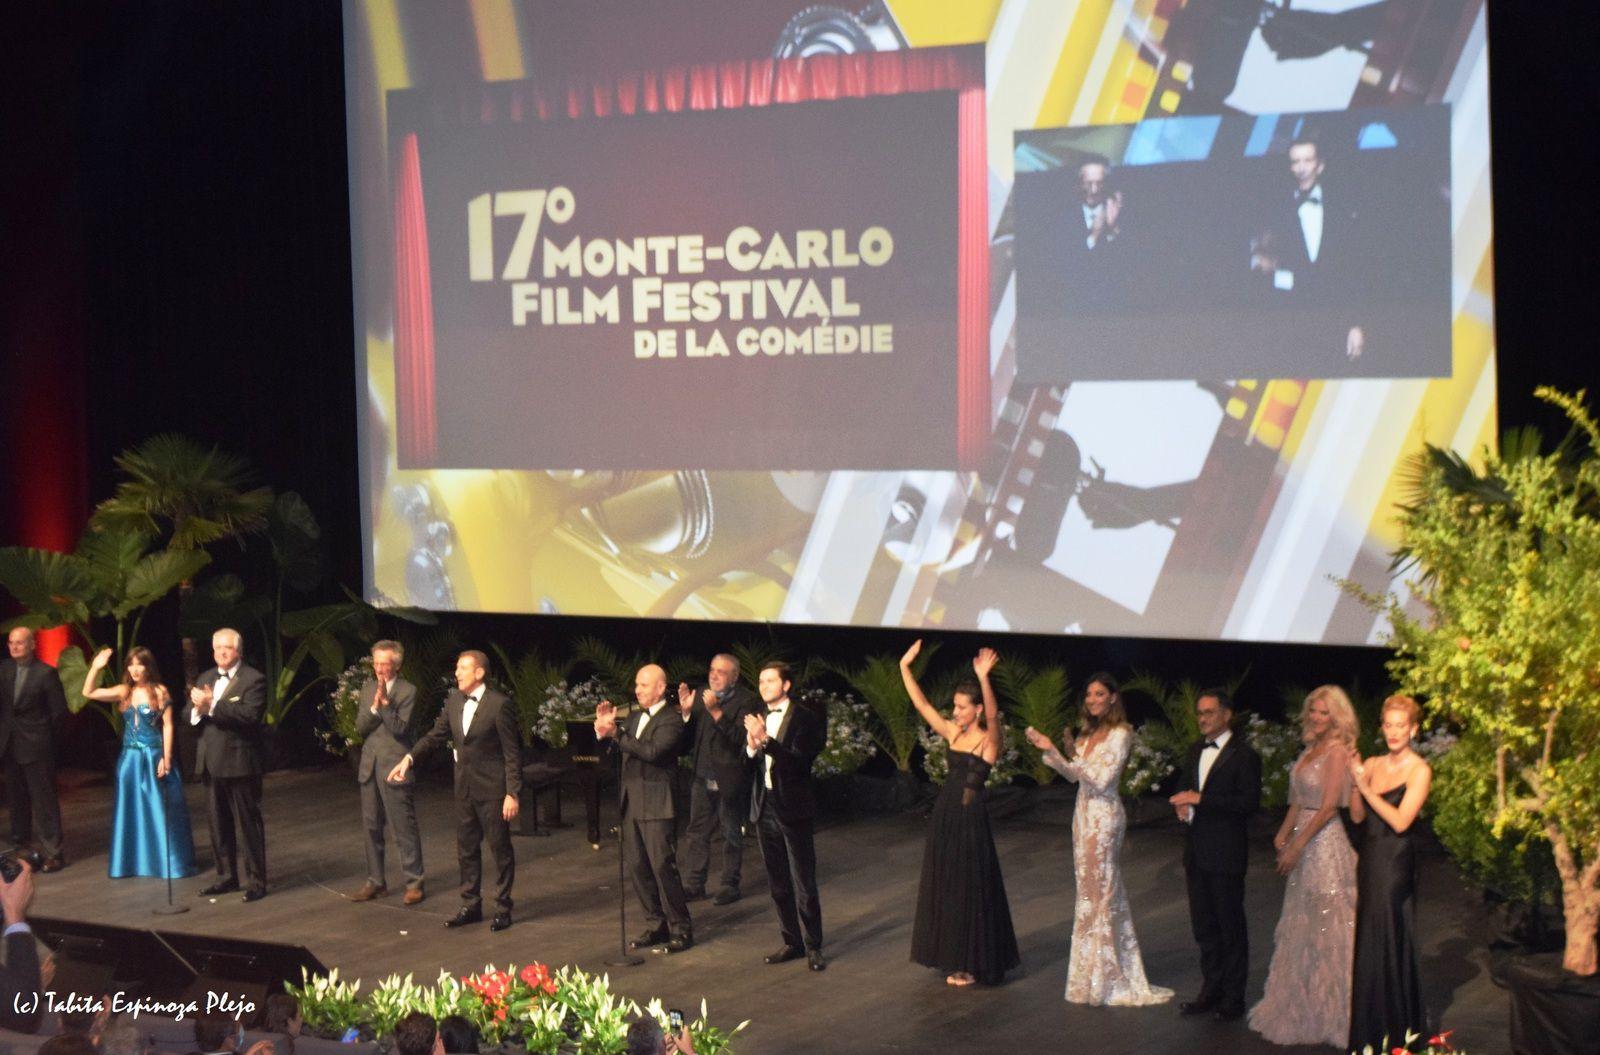 17e MONTE-CARLO FILM FESTIVAL DE LA COMEDIE : PATRICE LECONTE RECOMPENSE PAR SA CARRIERE